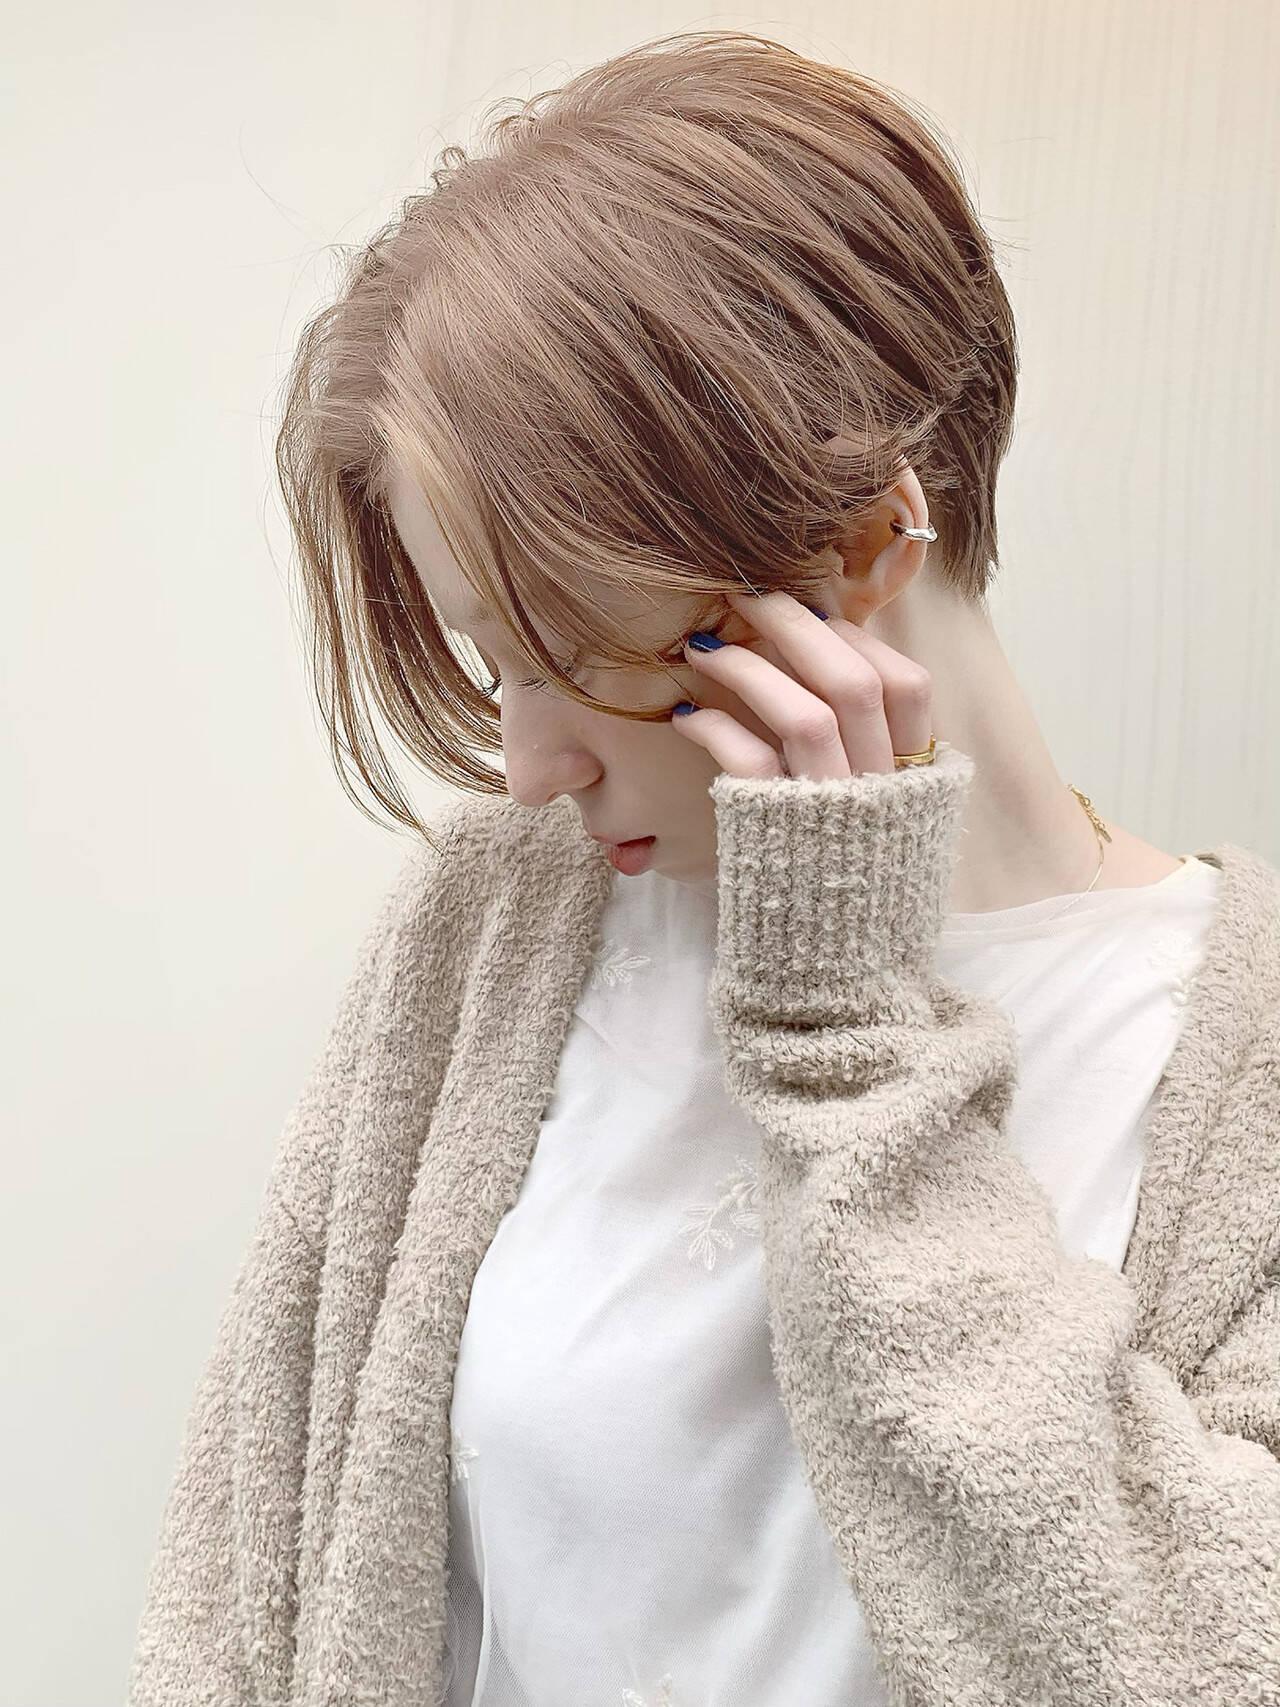 ショートヘア ベリーショート ミニボブ ショートヘアスタイルや髪型の写真・画像